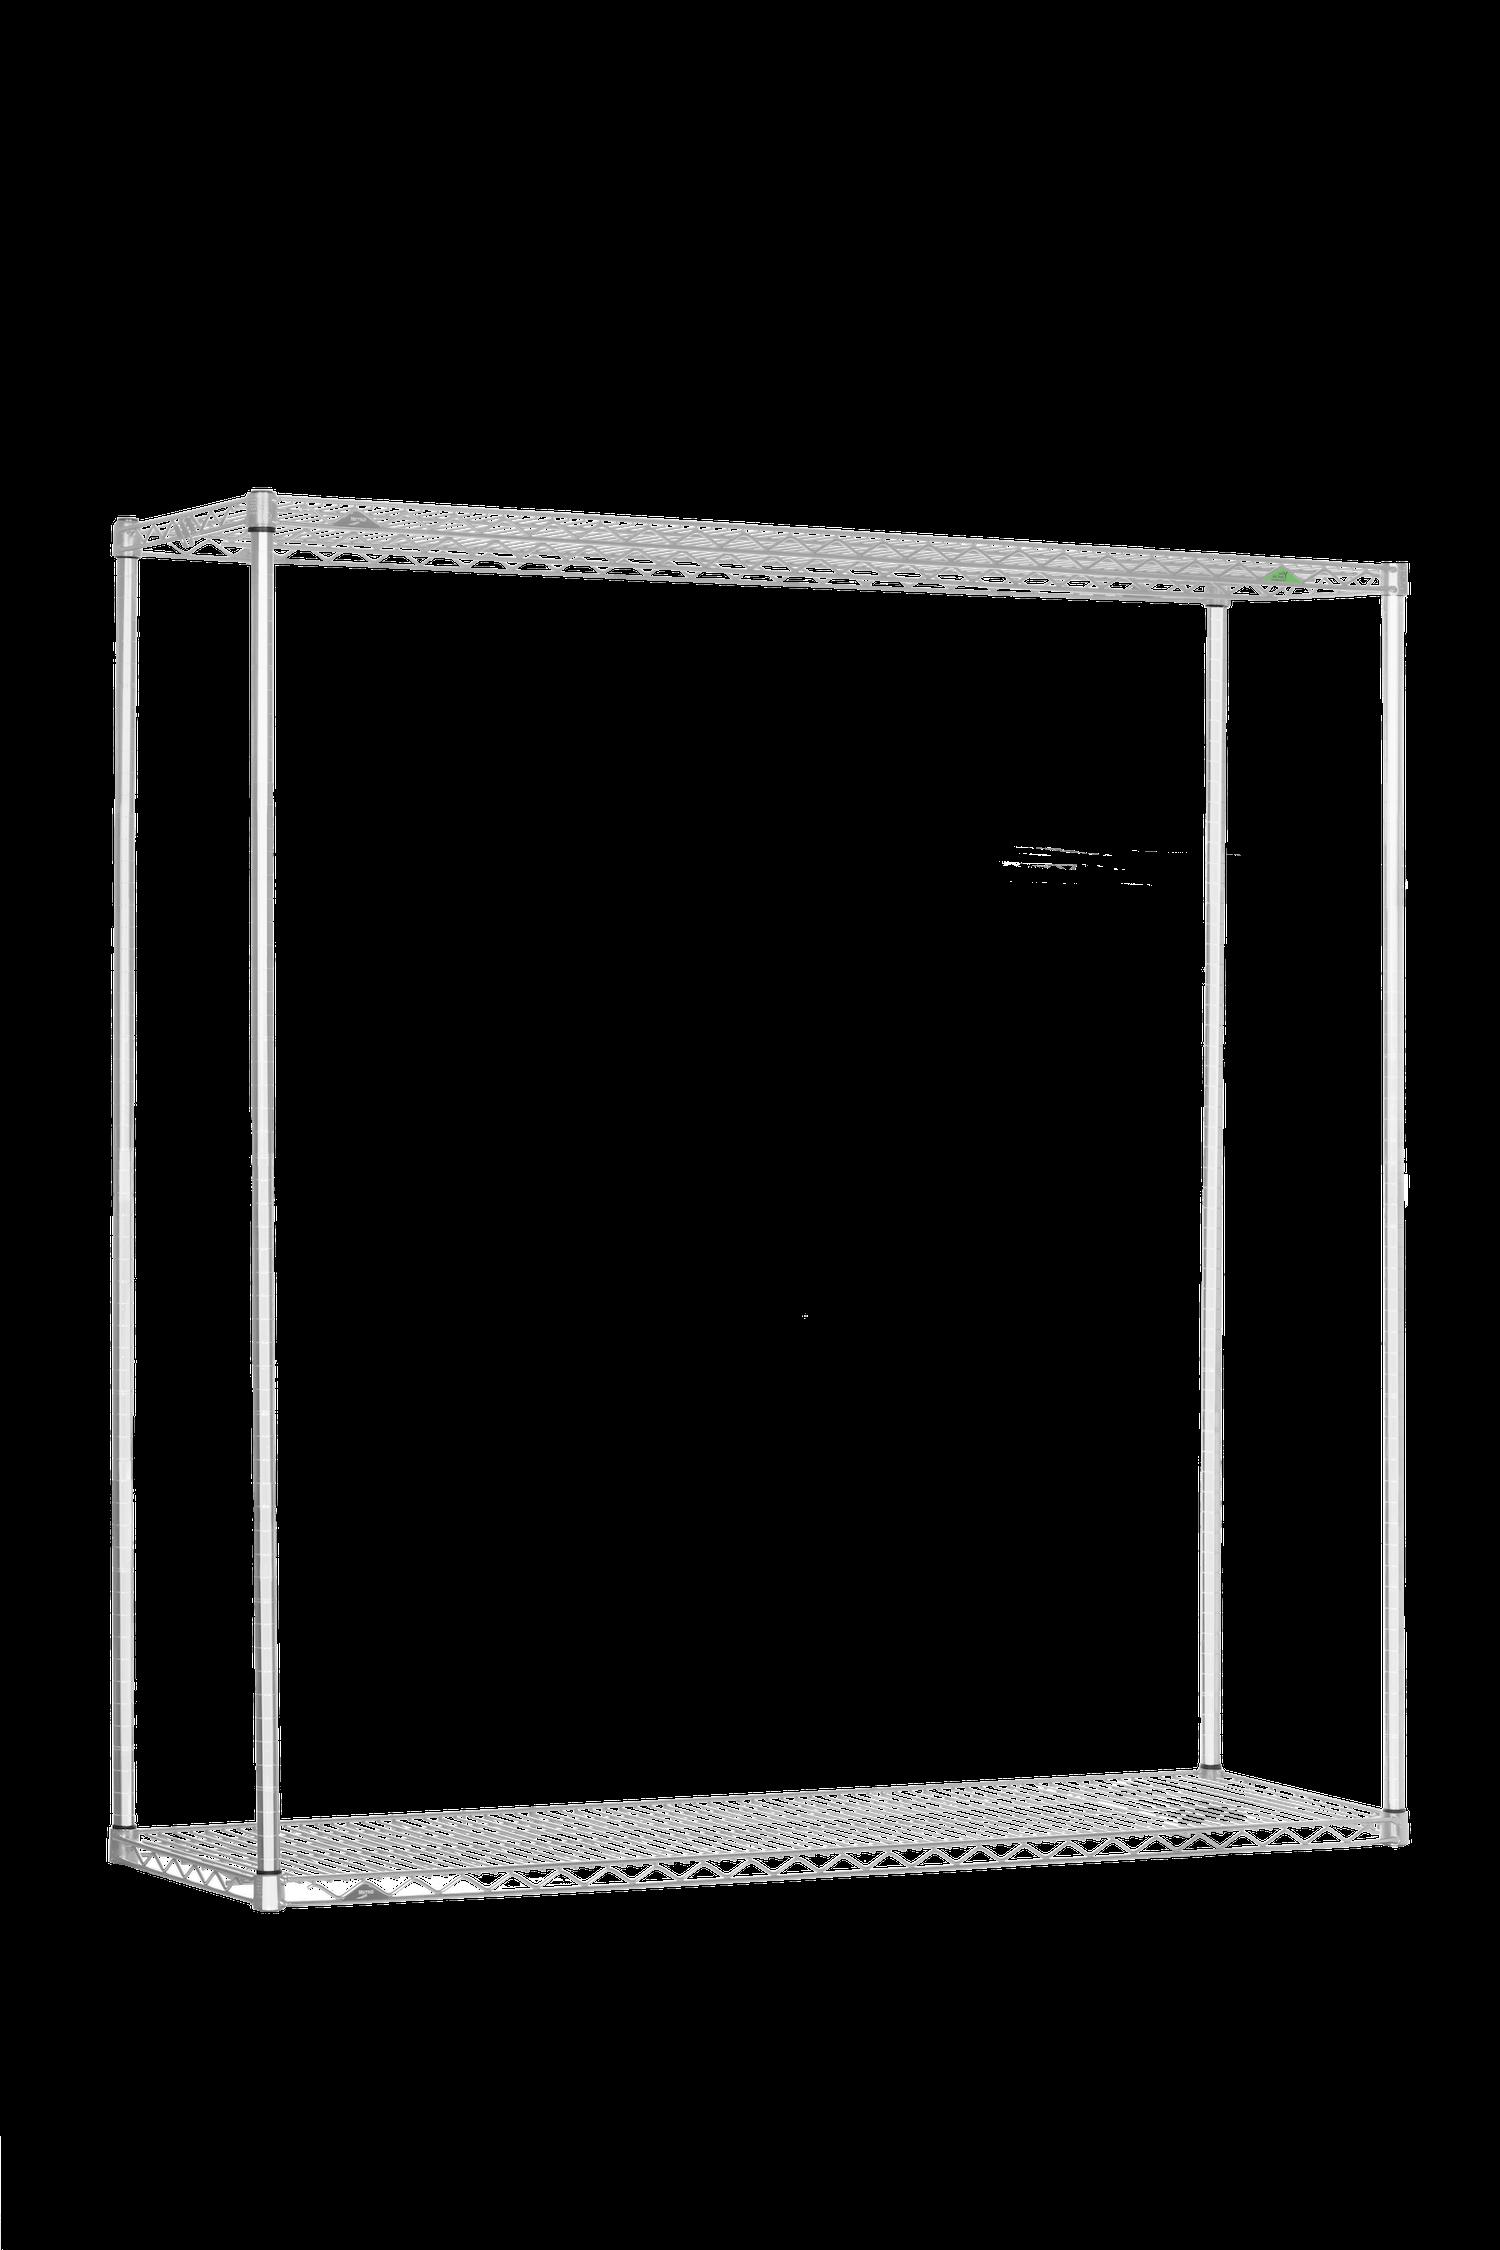 355x762mm, 14x30 inch